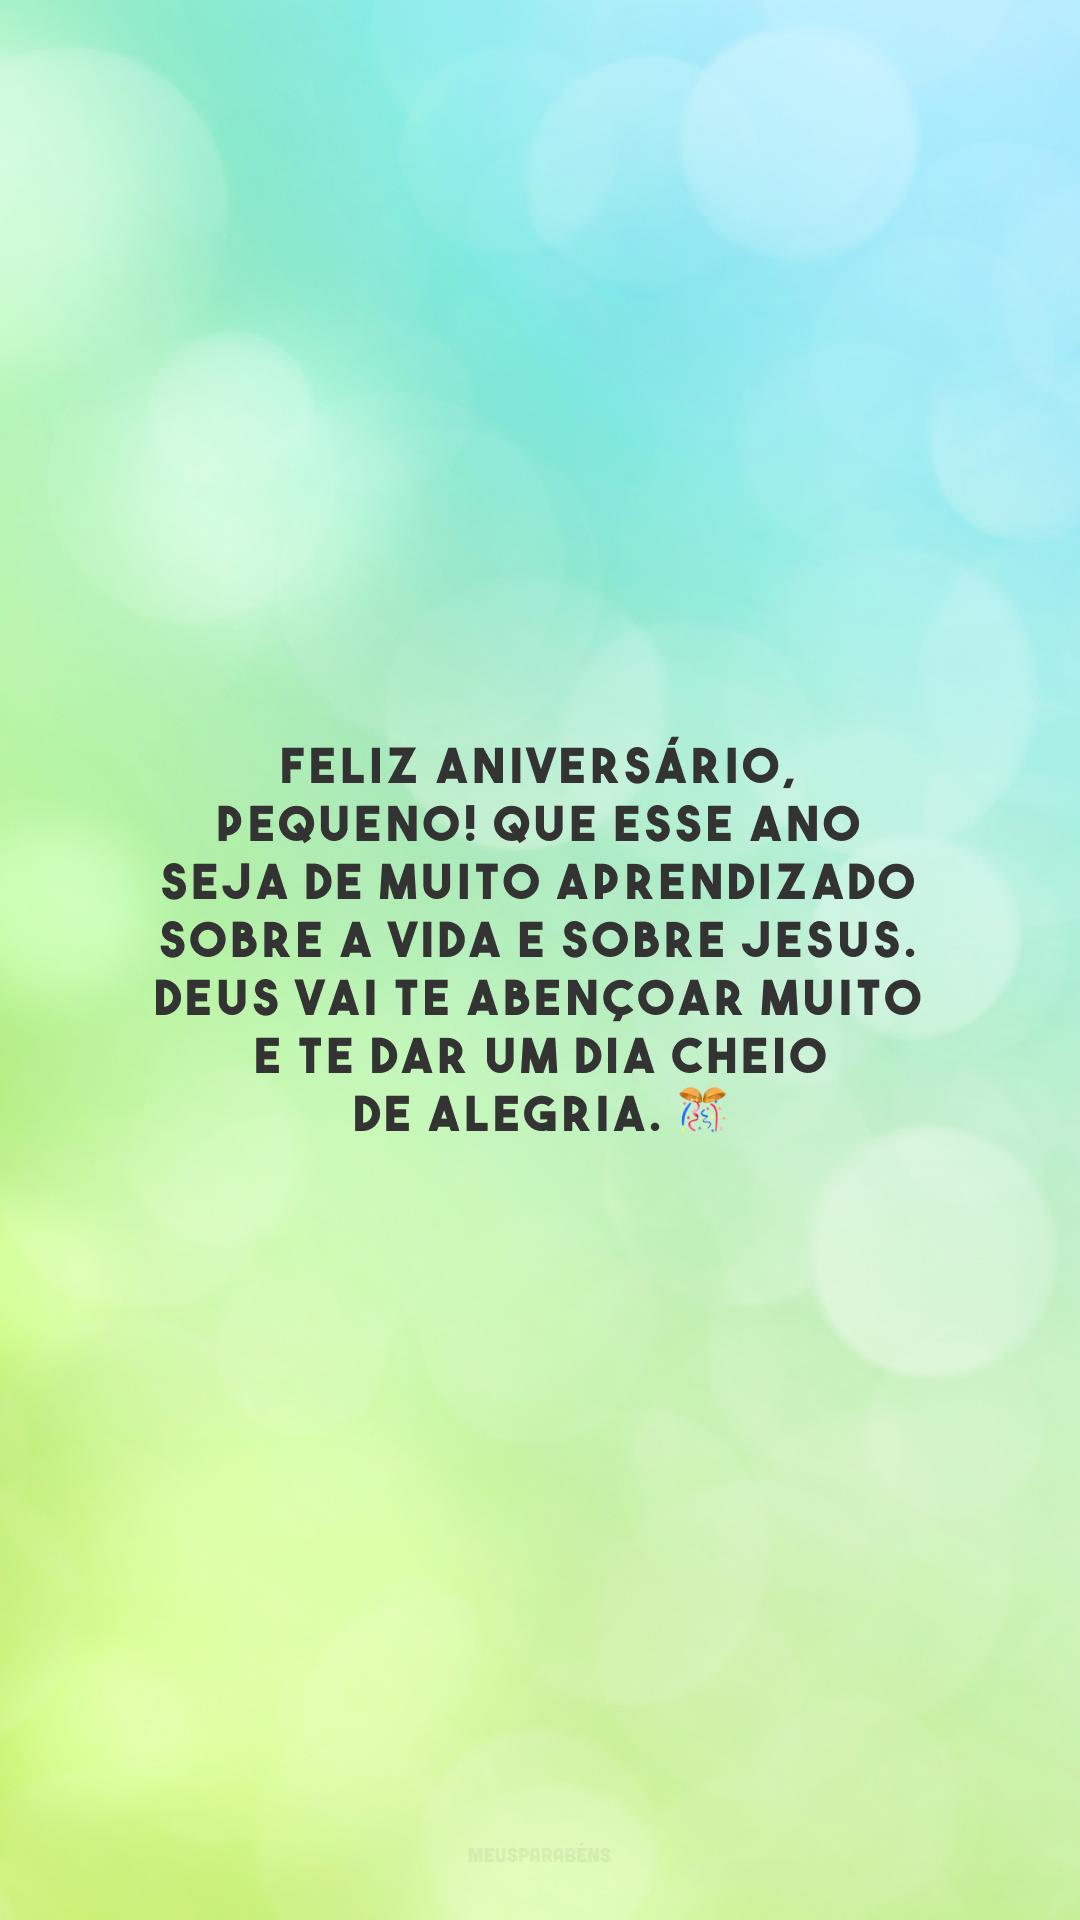 Feliz aniversário, pequeno! Que esse ano seja de muito aprendizado sobre a vida e sobre Jesus. Deus vai te abençoar muito e te dar um dia cheio de alegria. 🎊